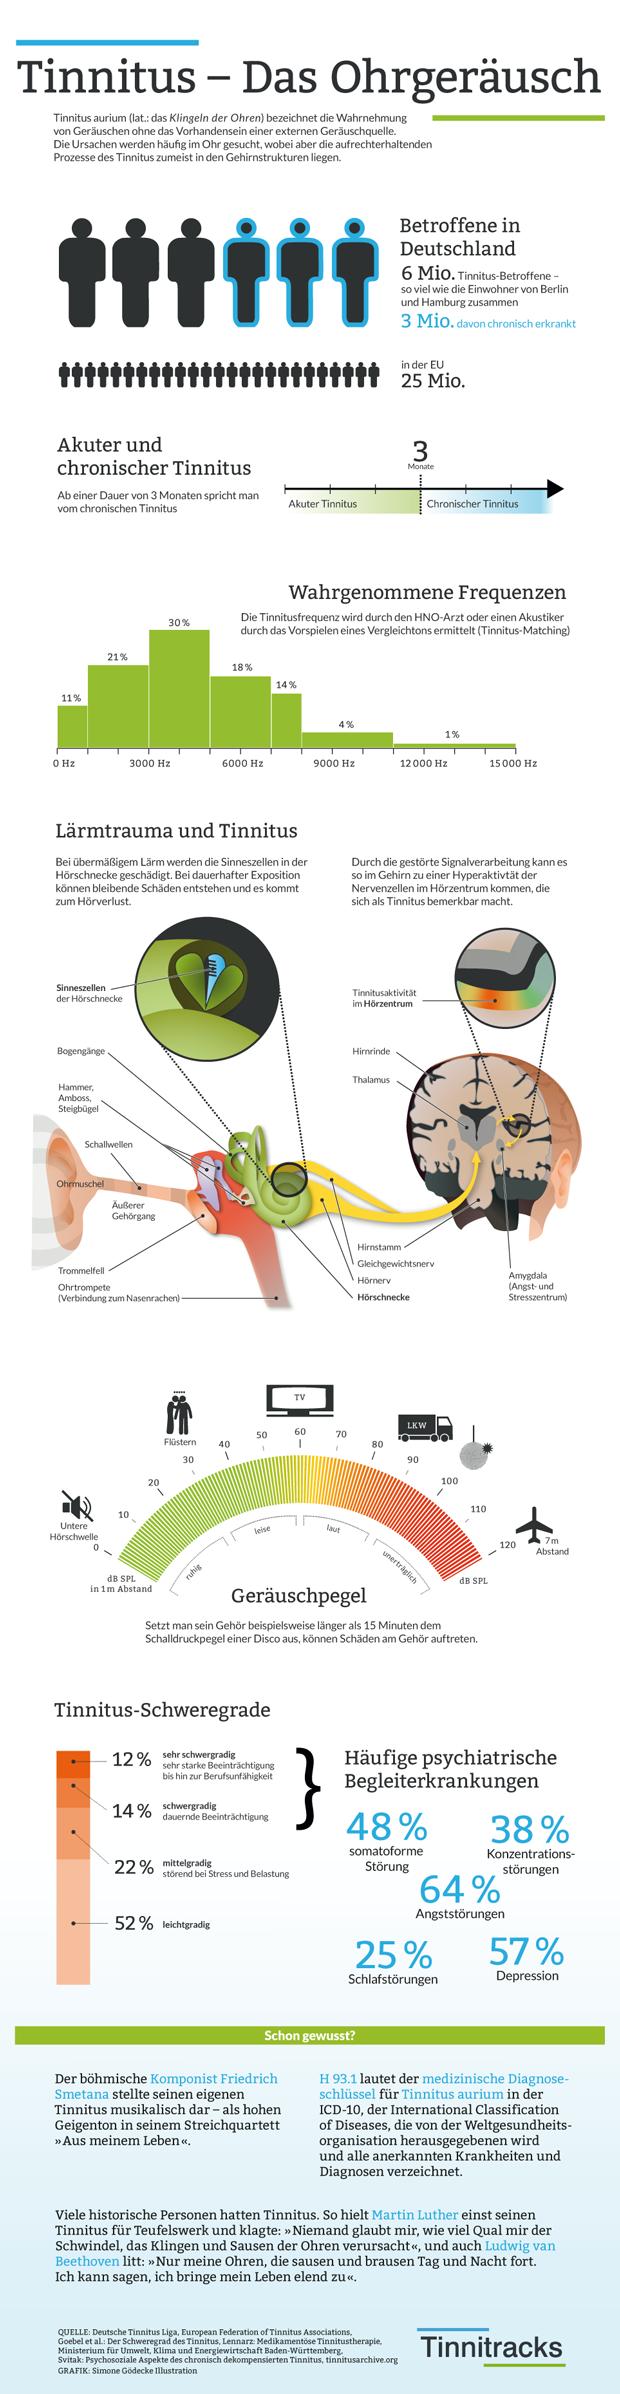 Tinnitus das Ohrgeräusch